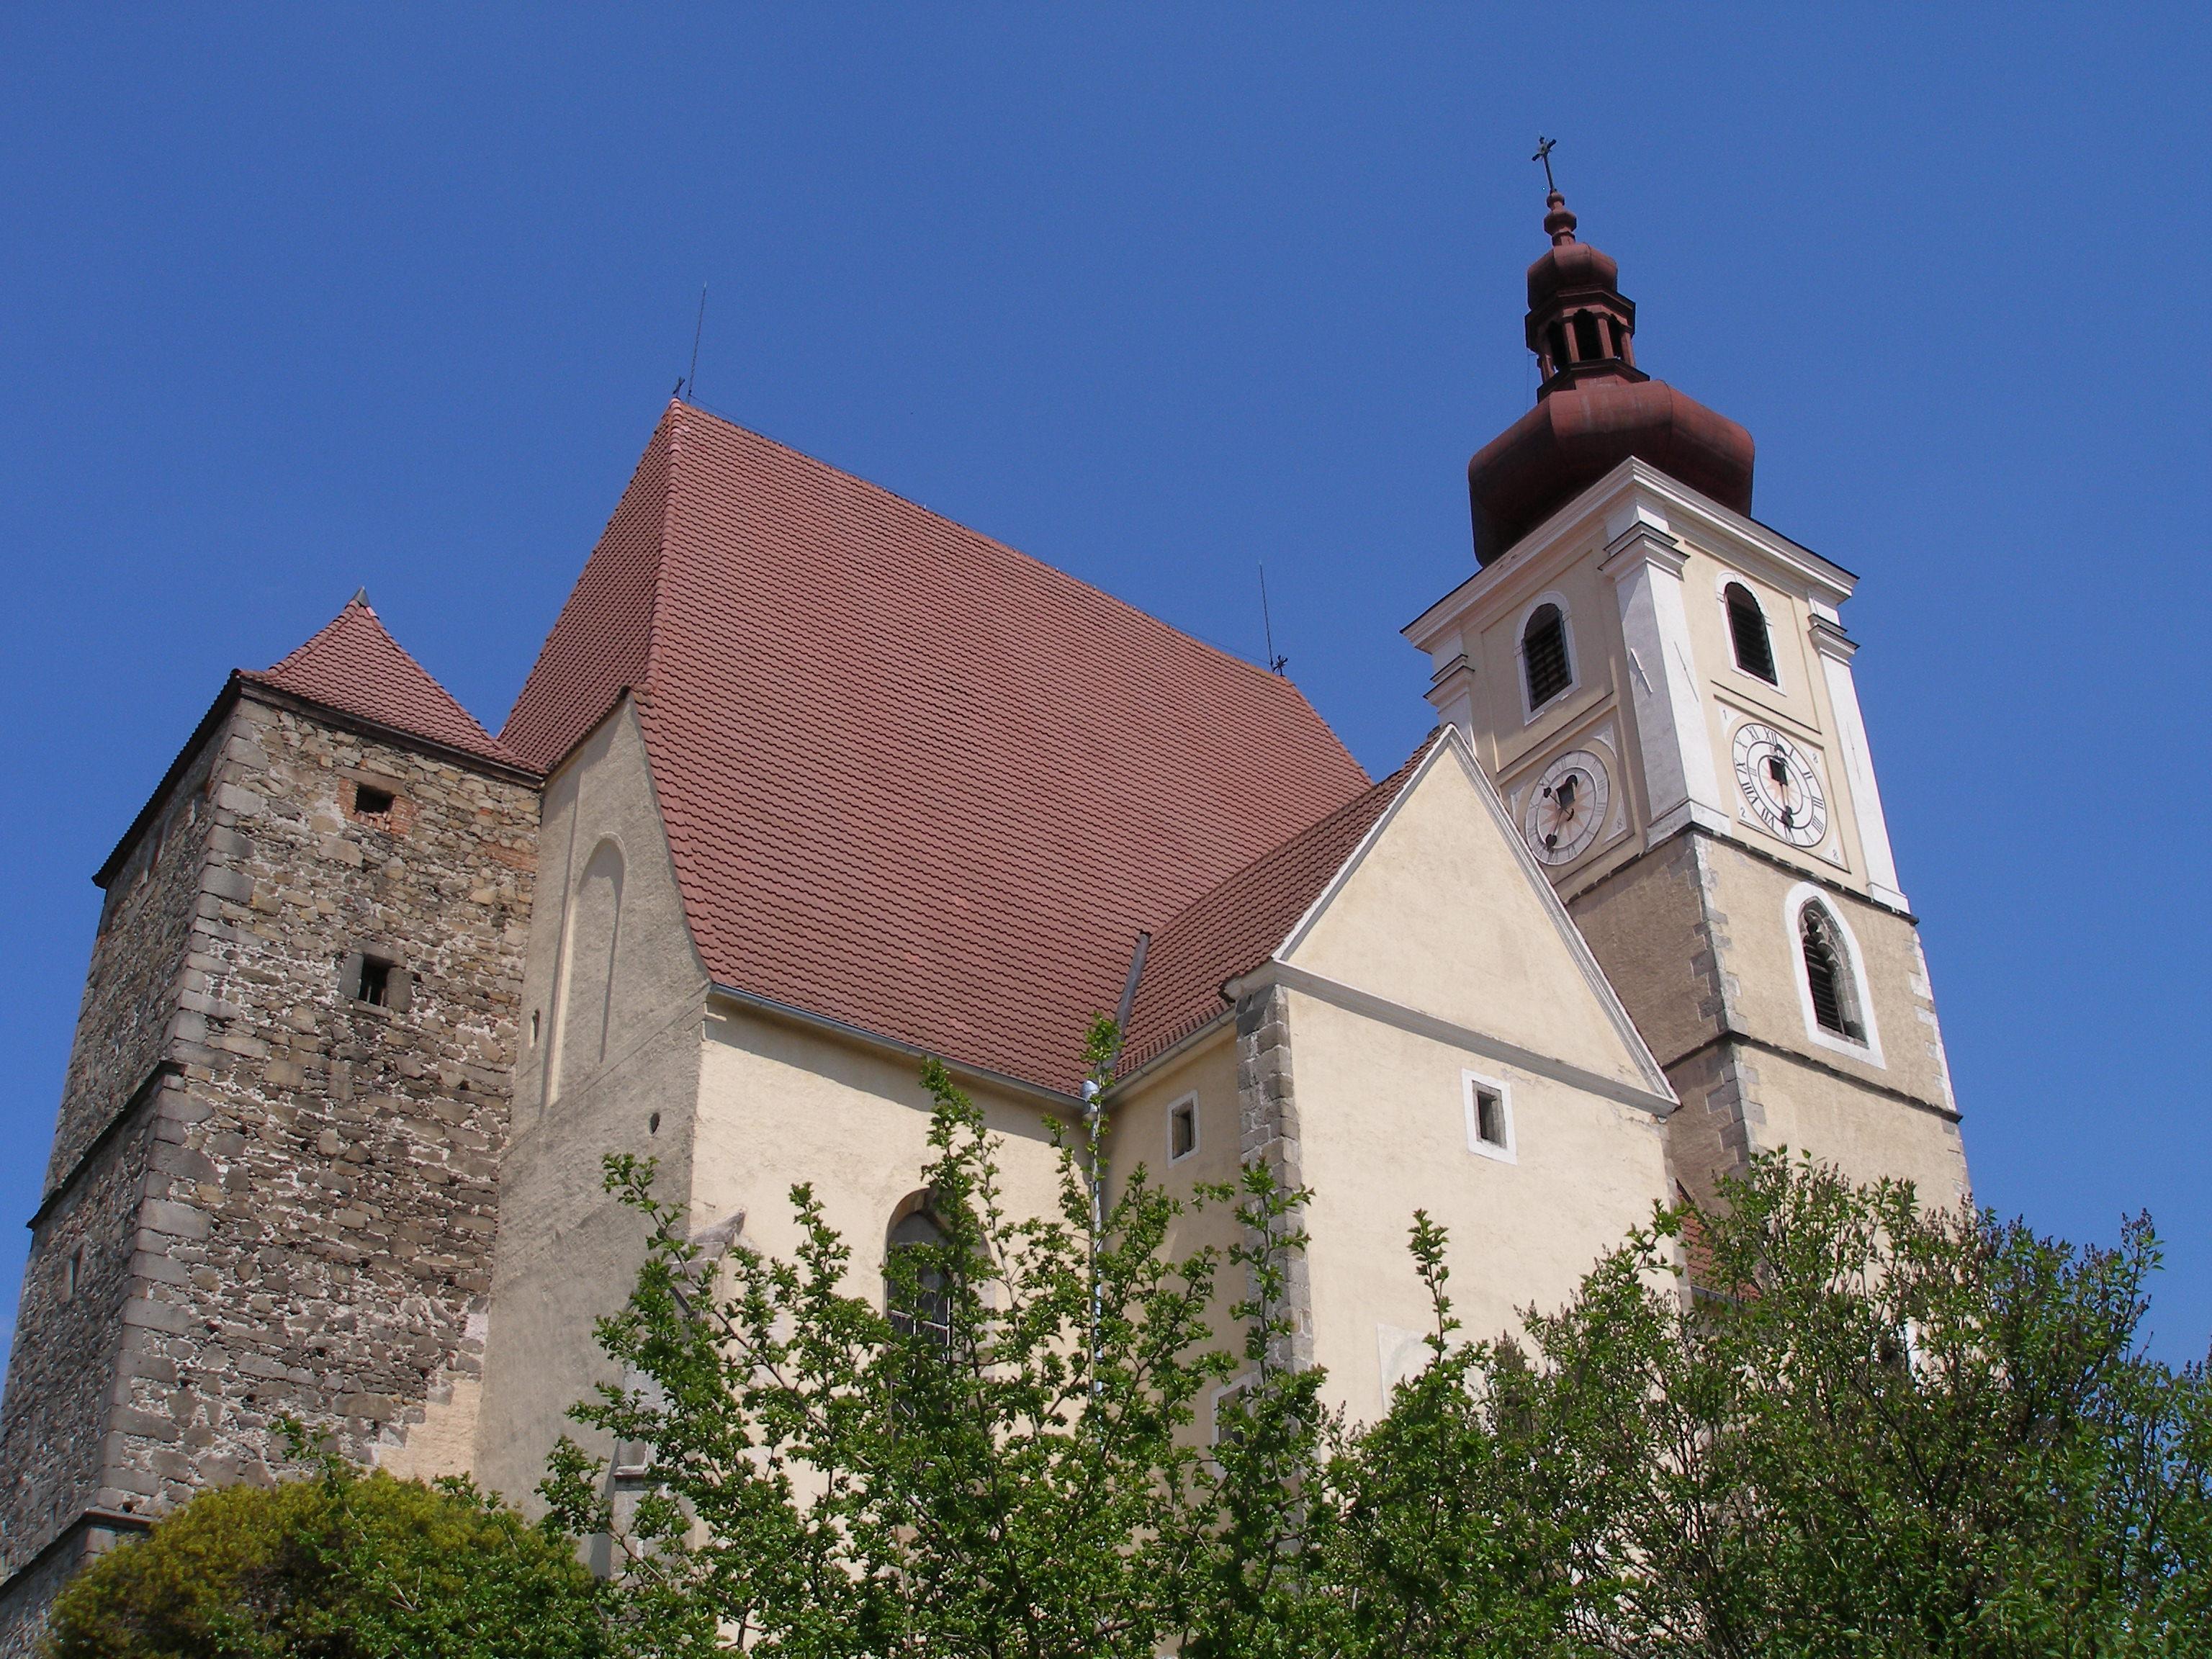 kostel Nanebevzetí Panny Marie v Trhových Svinech